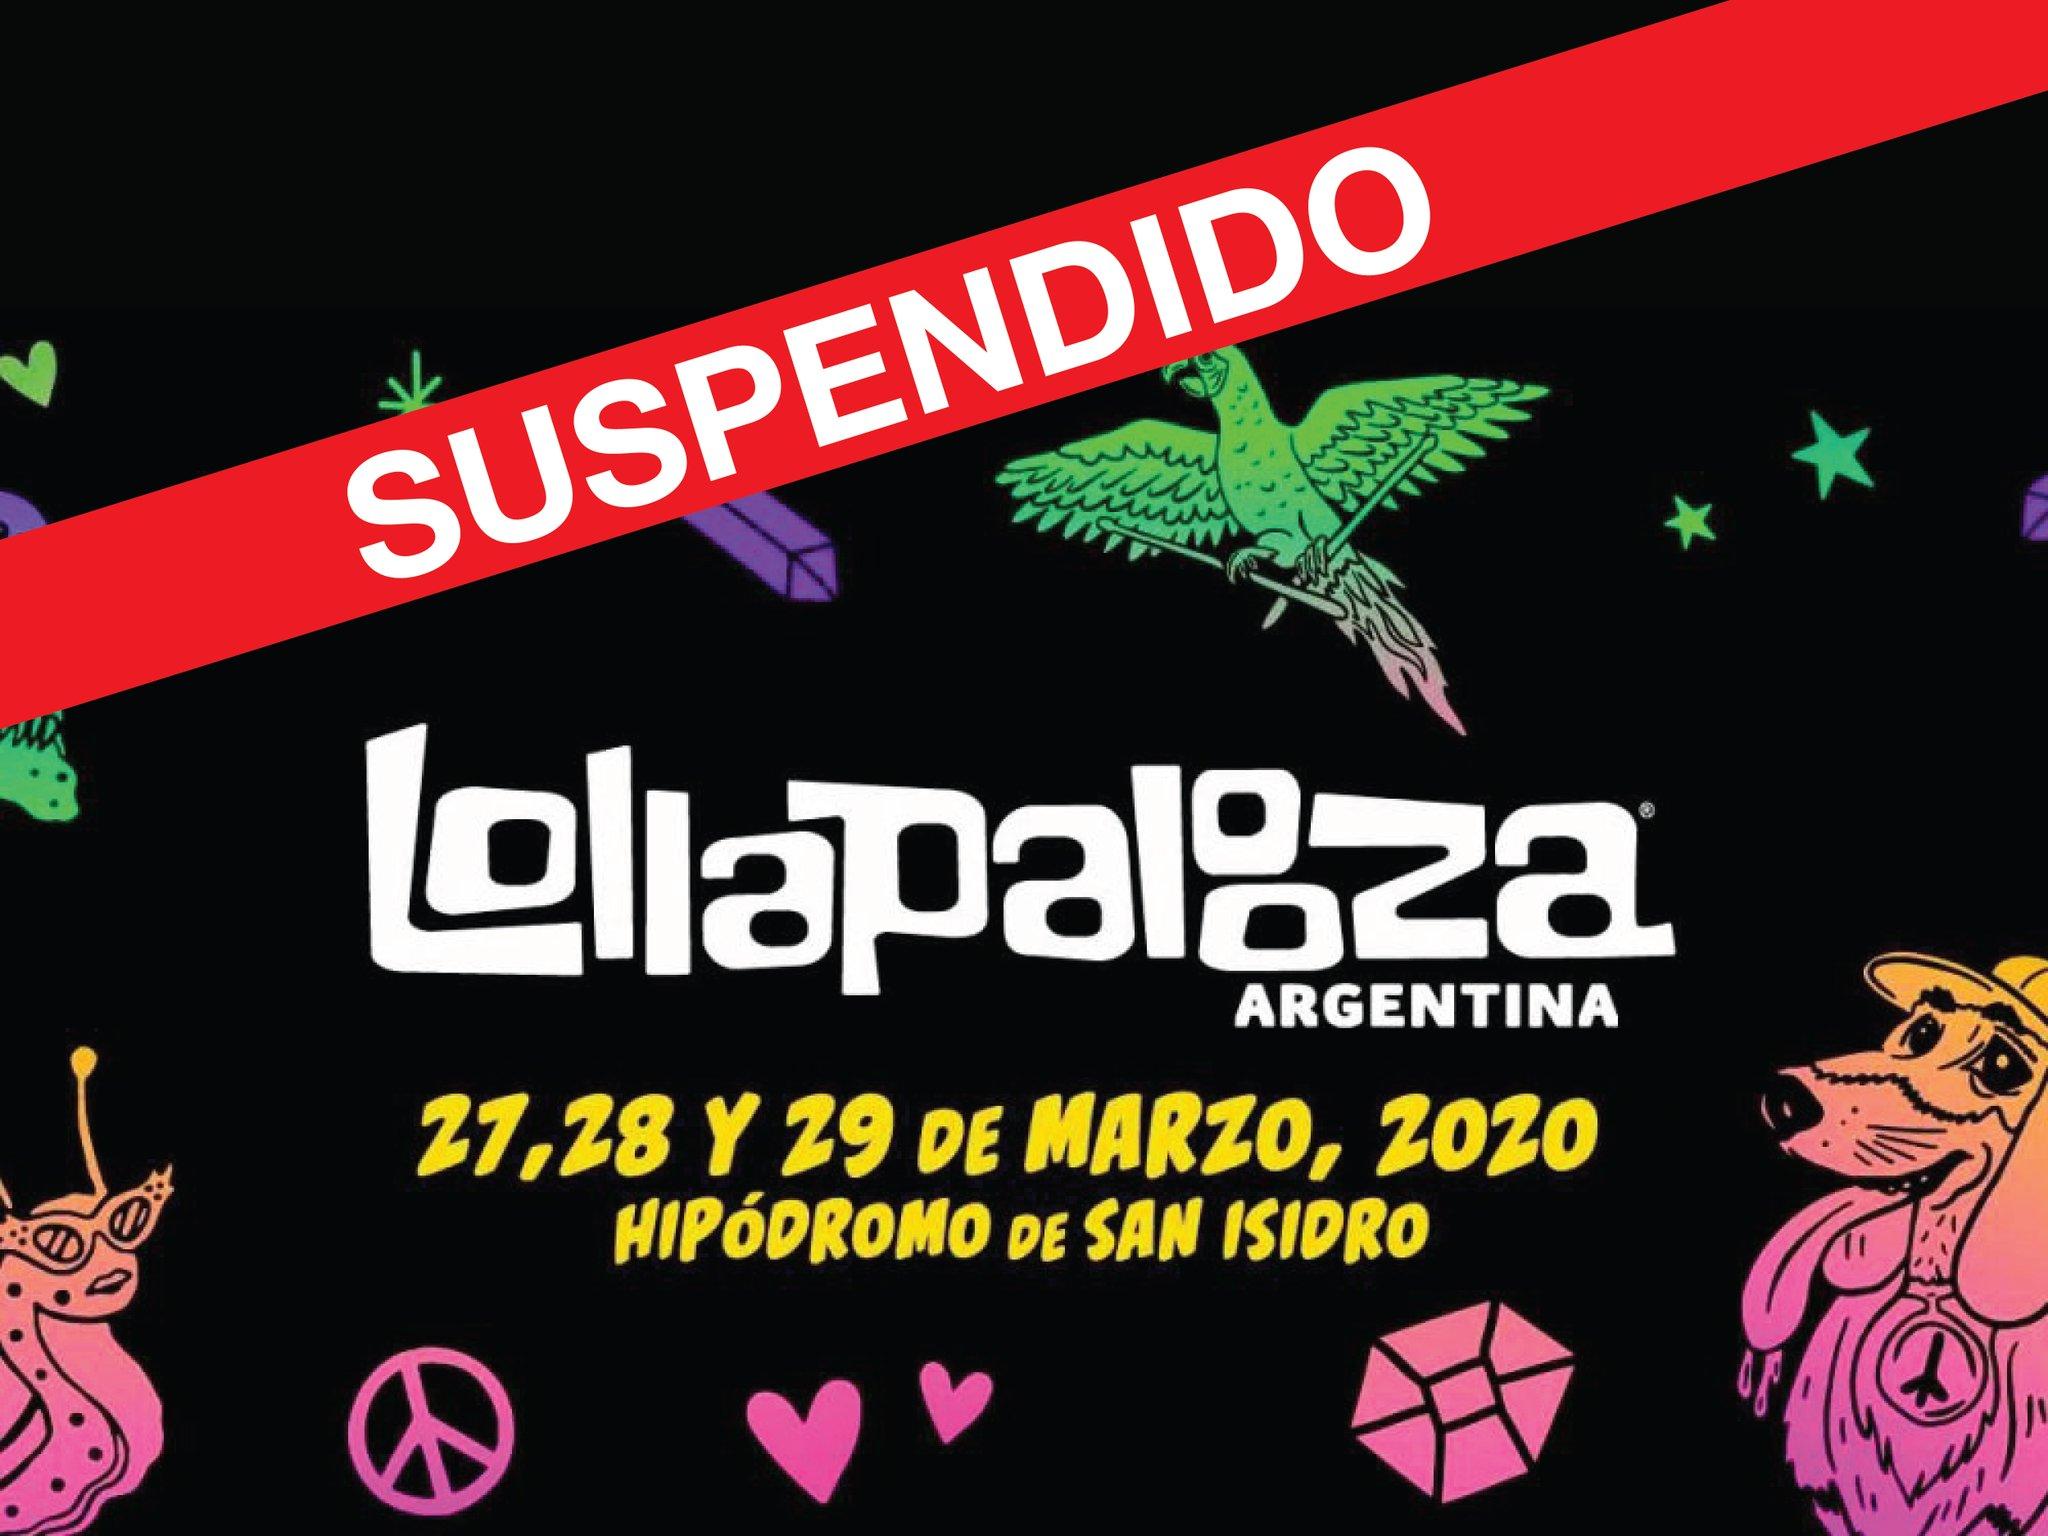 Lollapalooza en Argentina SUSPENDIDO 2020